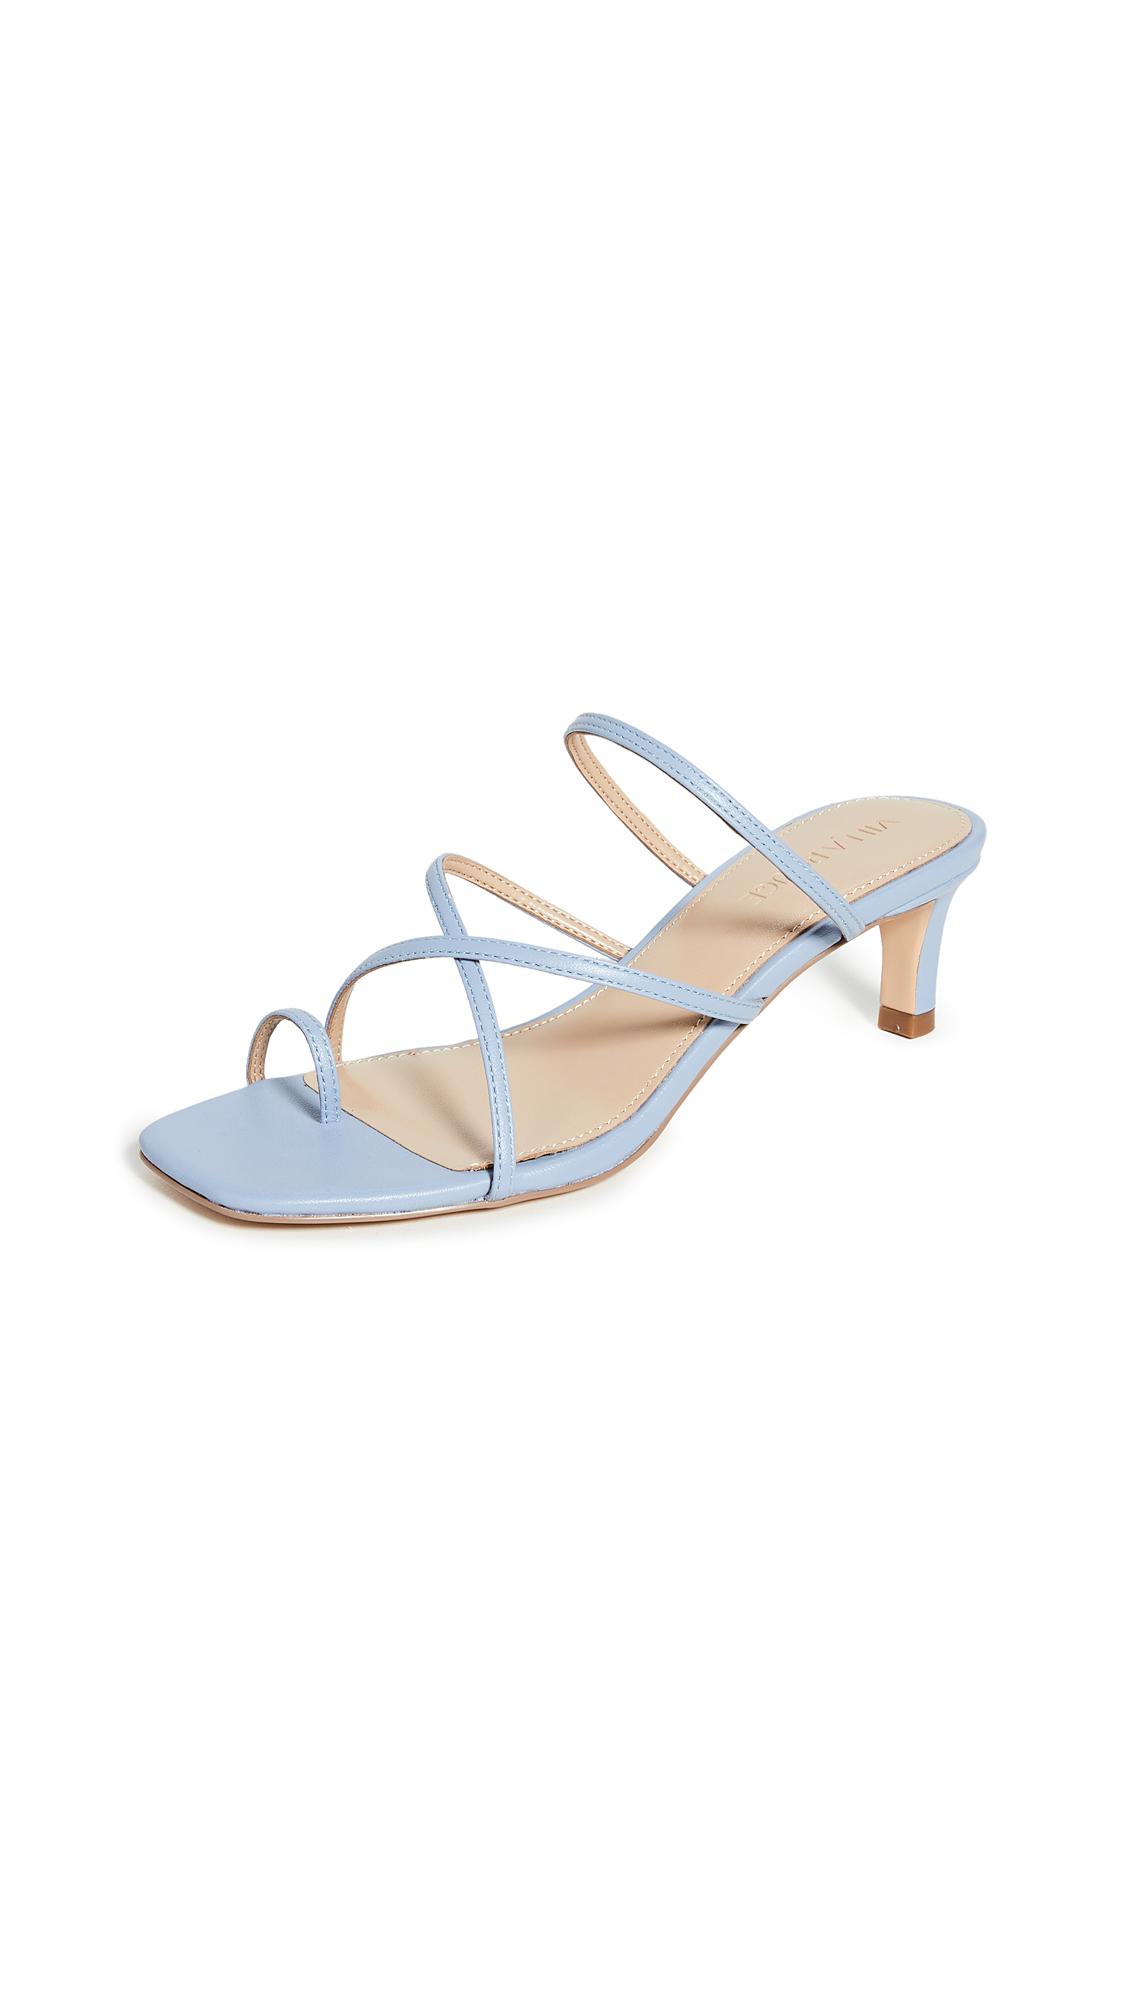 Buy Villa Rouge Dax Sandals online, shop Villa Rouge